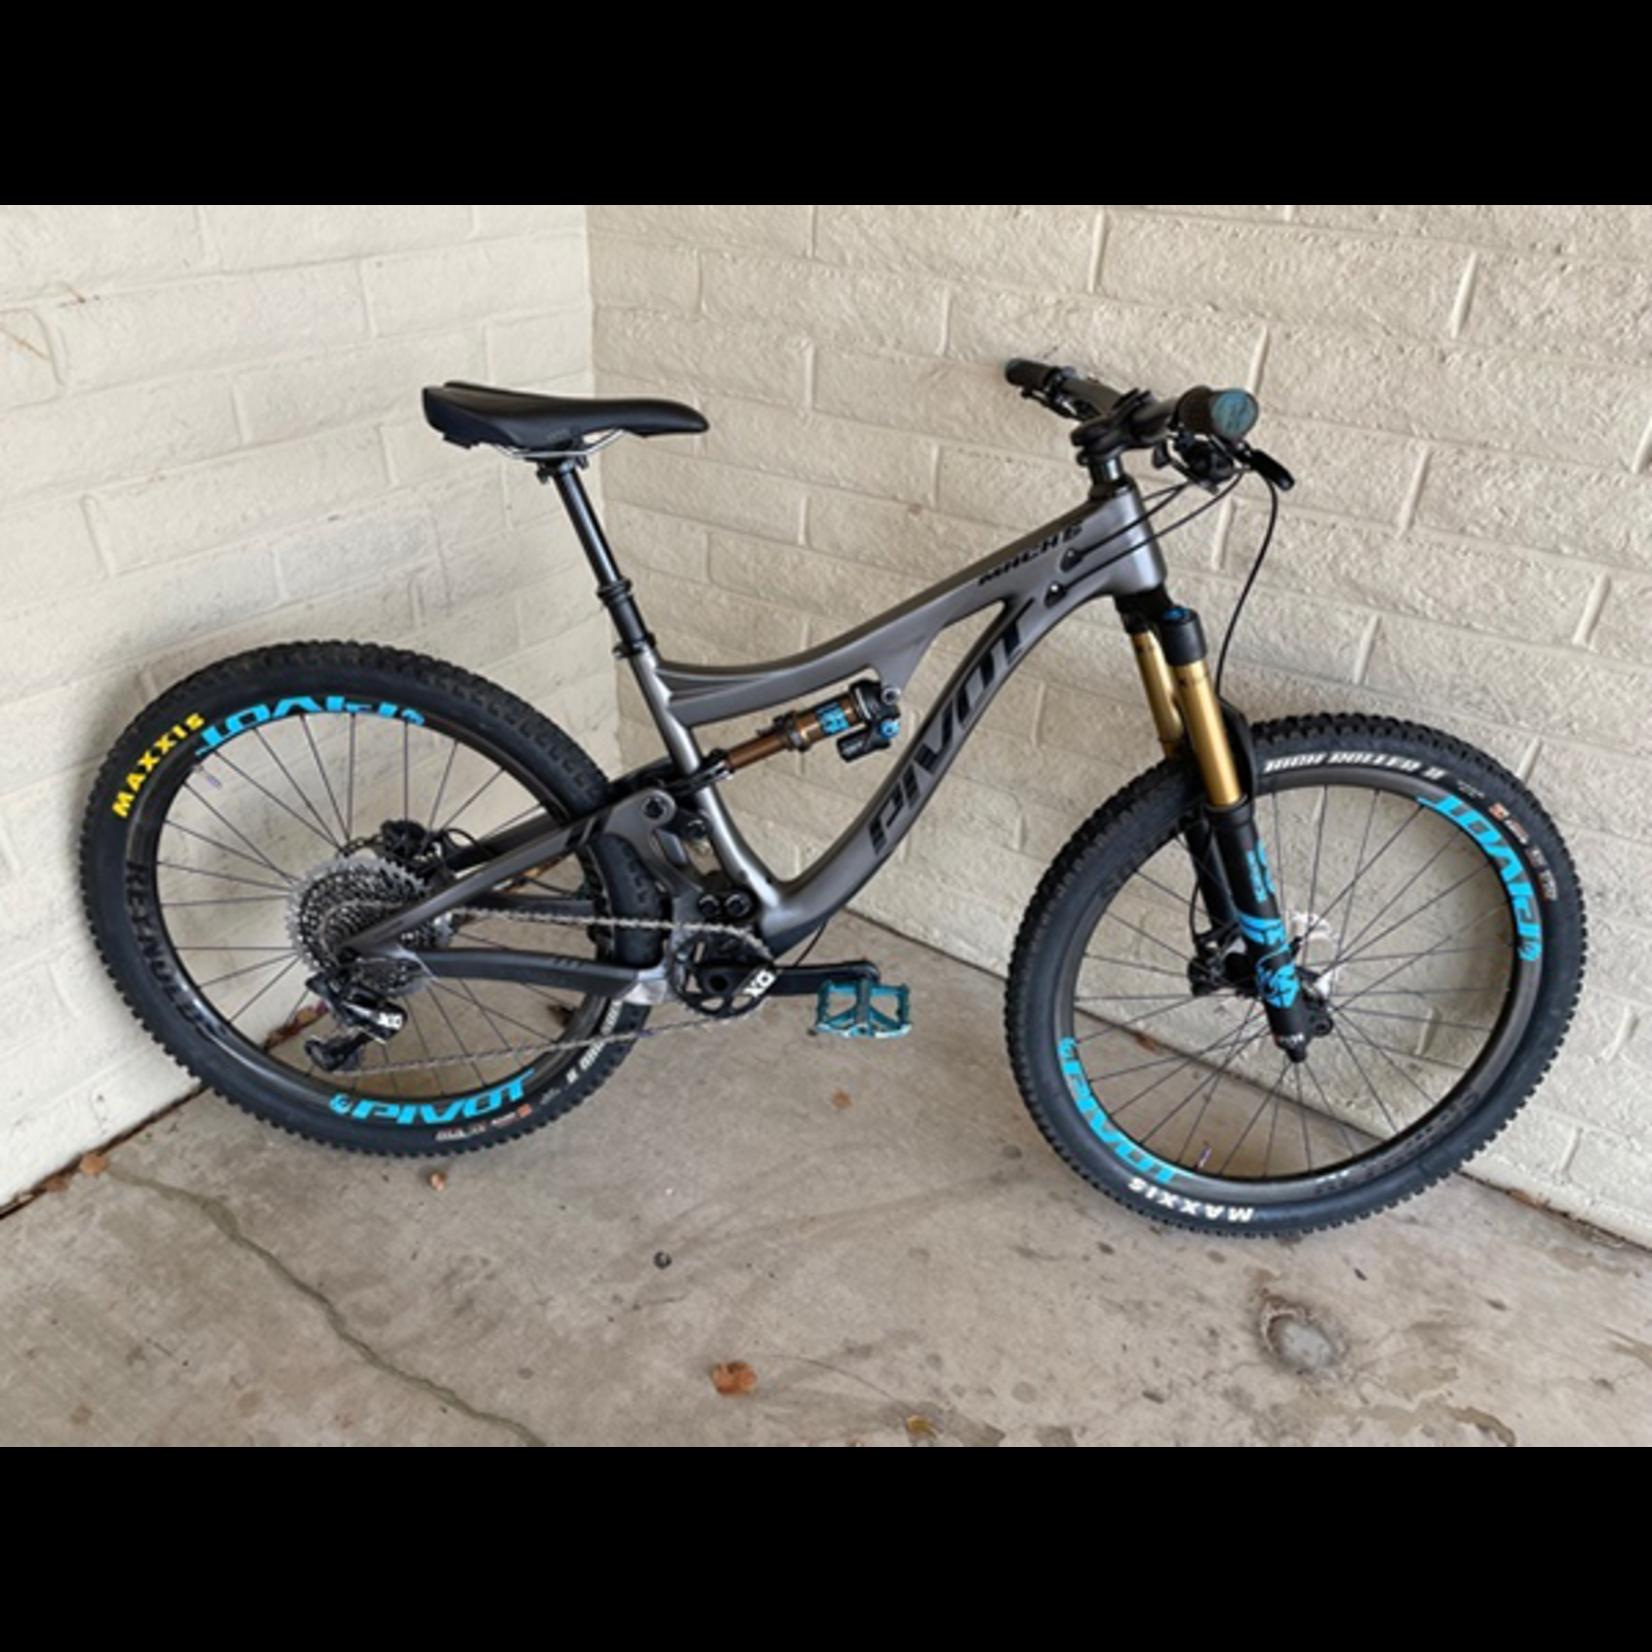 Pivot Cycles 2019 Mach 6 Pro X01 Build Kit w/ Carbon Wheels